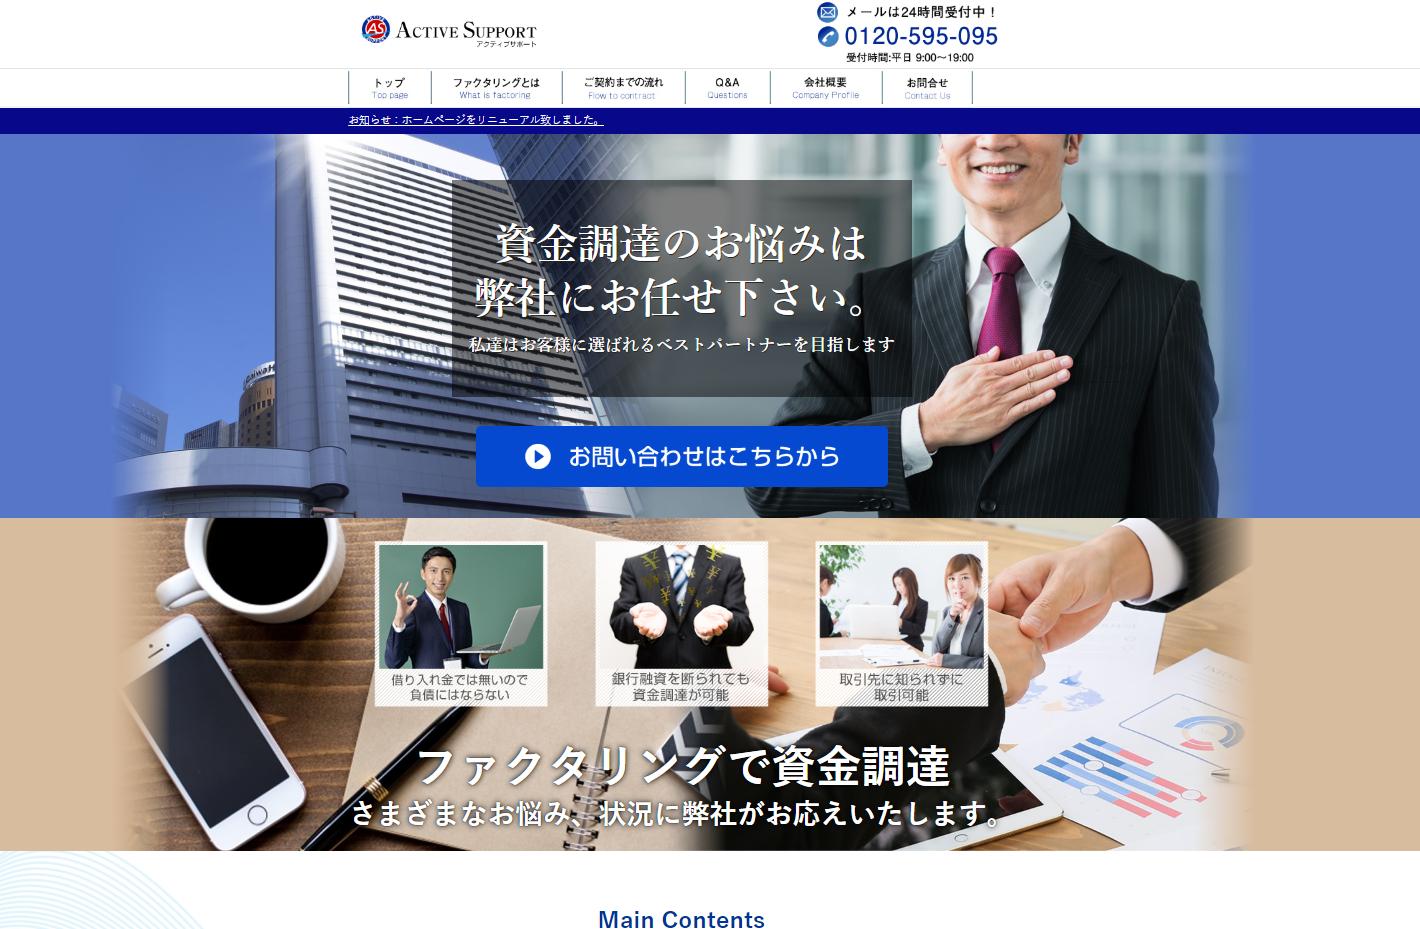 株式会社アクティブサポートイメージ